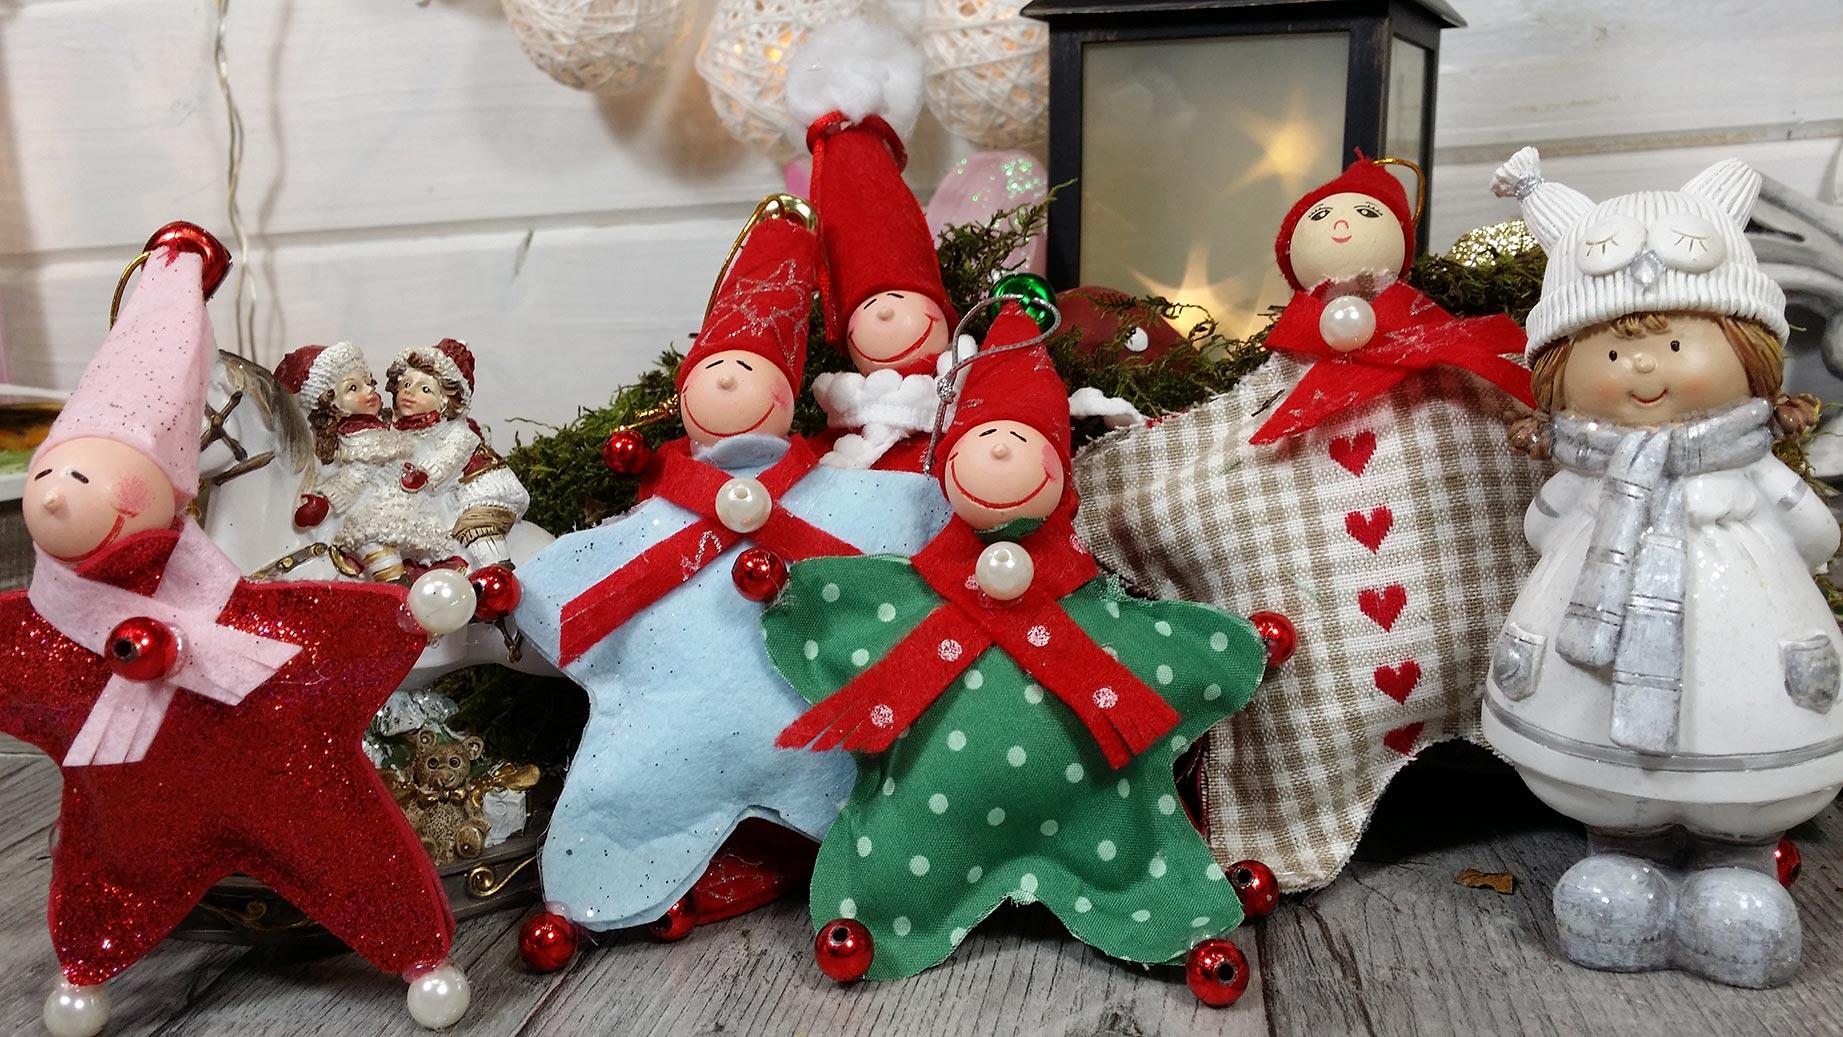 Fabriquer Deco Noel En Feutrine atelier de noel - festif : fabriquer des lutins de noel à